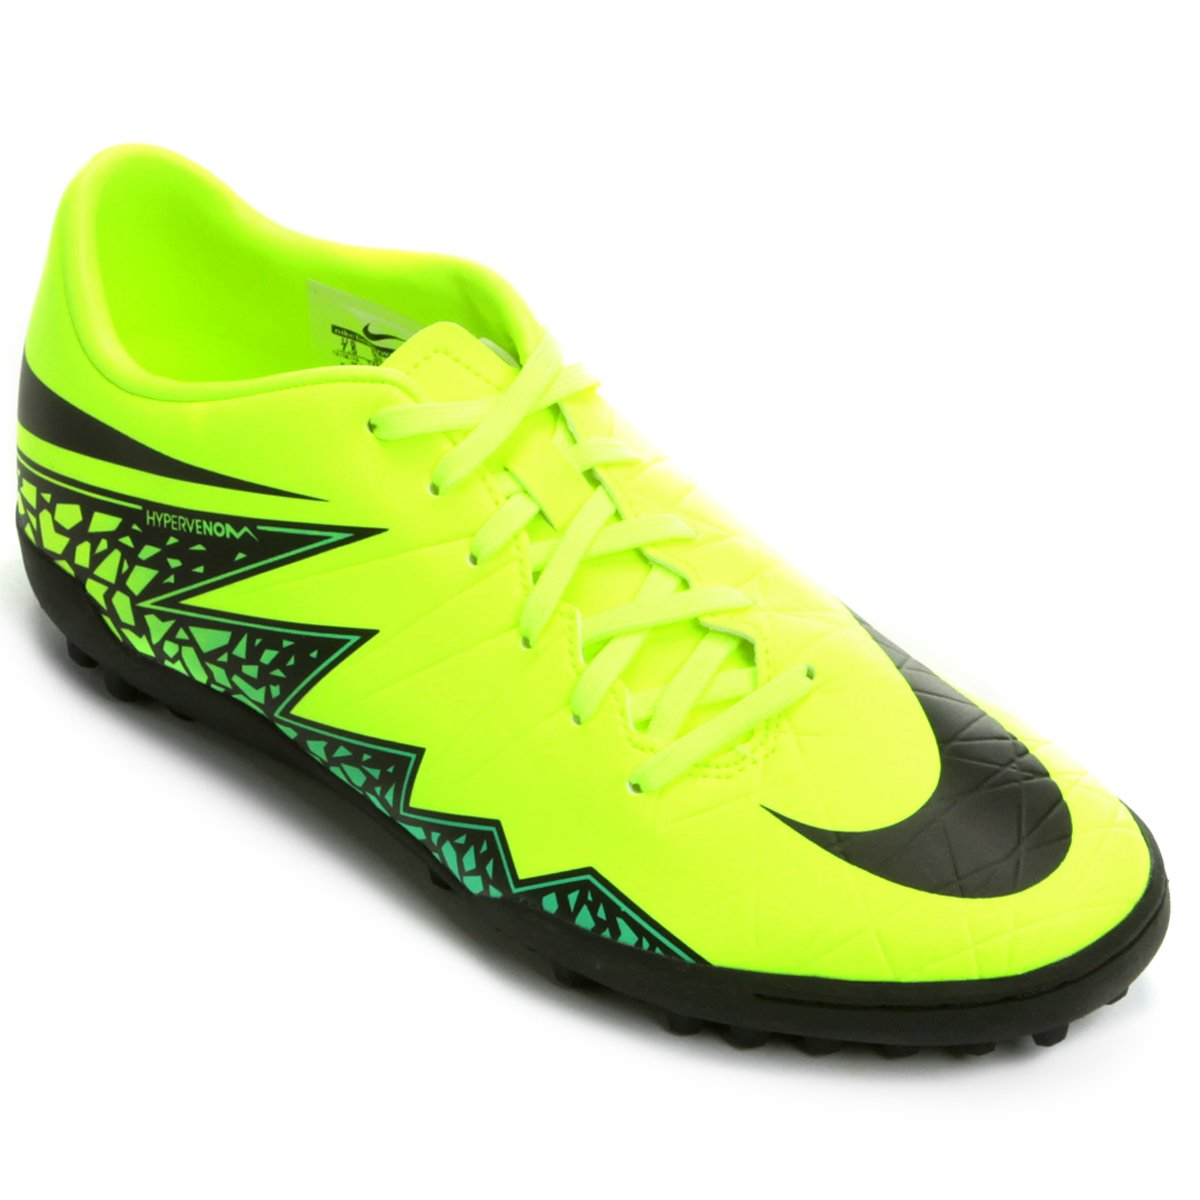 15a7ae03891 Chuteira Nike Hypervenom Phelon 2 TF Society - Preto e Verde Limão